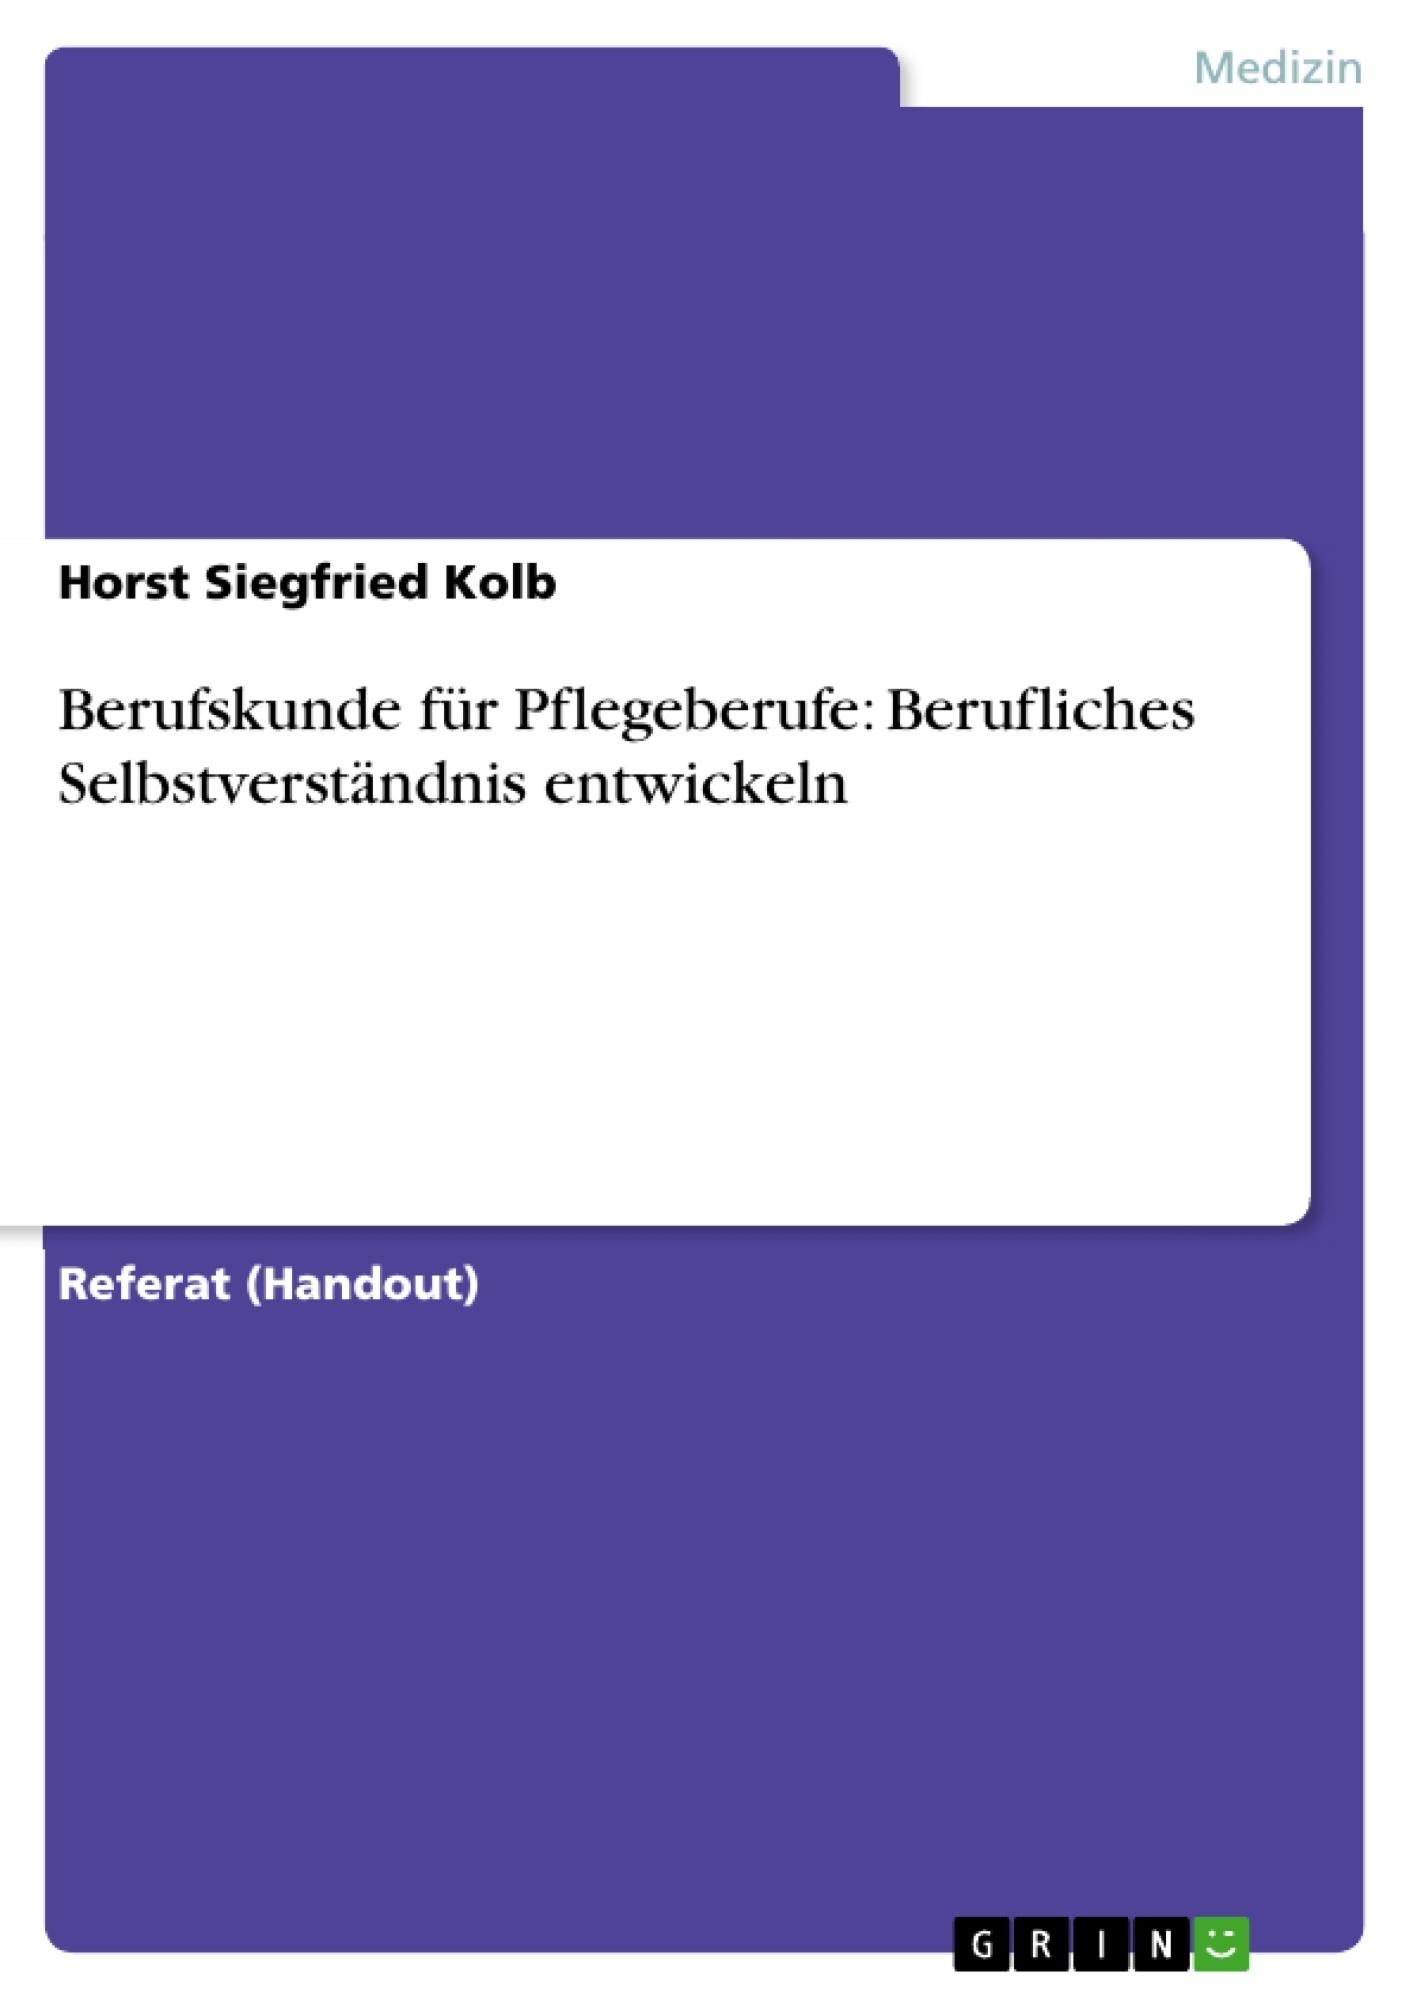 Titel: Berufskunde für Pflegeberufe: Berufliches Selbstverständnis entwickeln